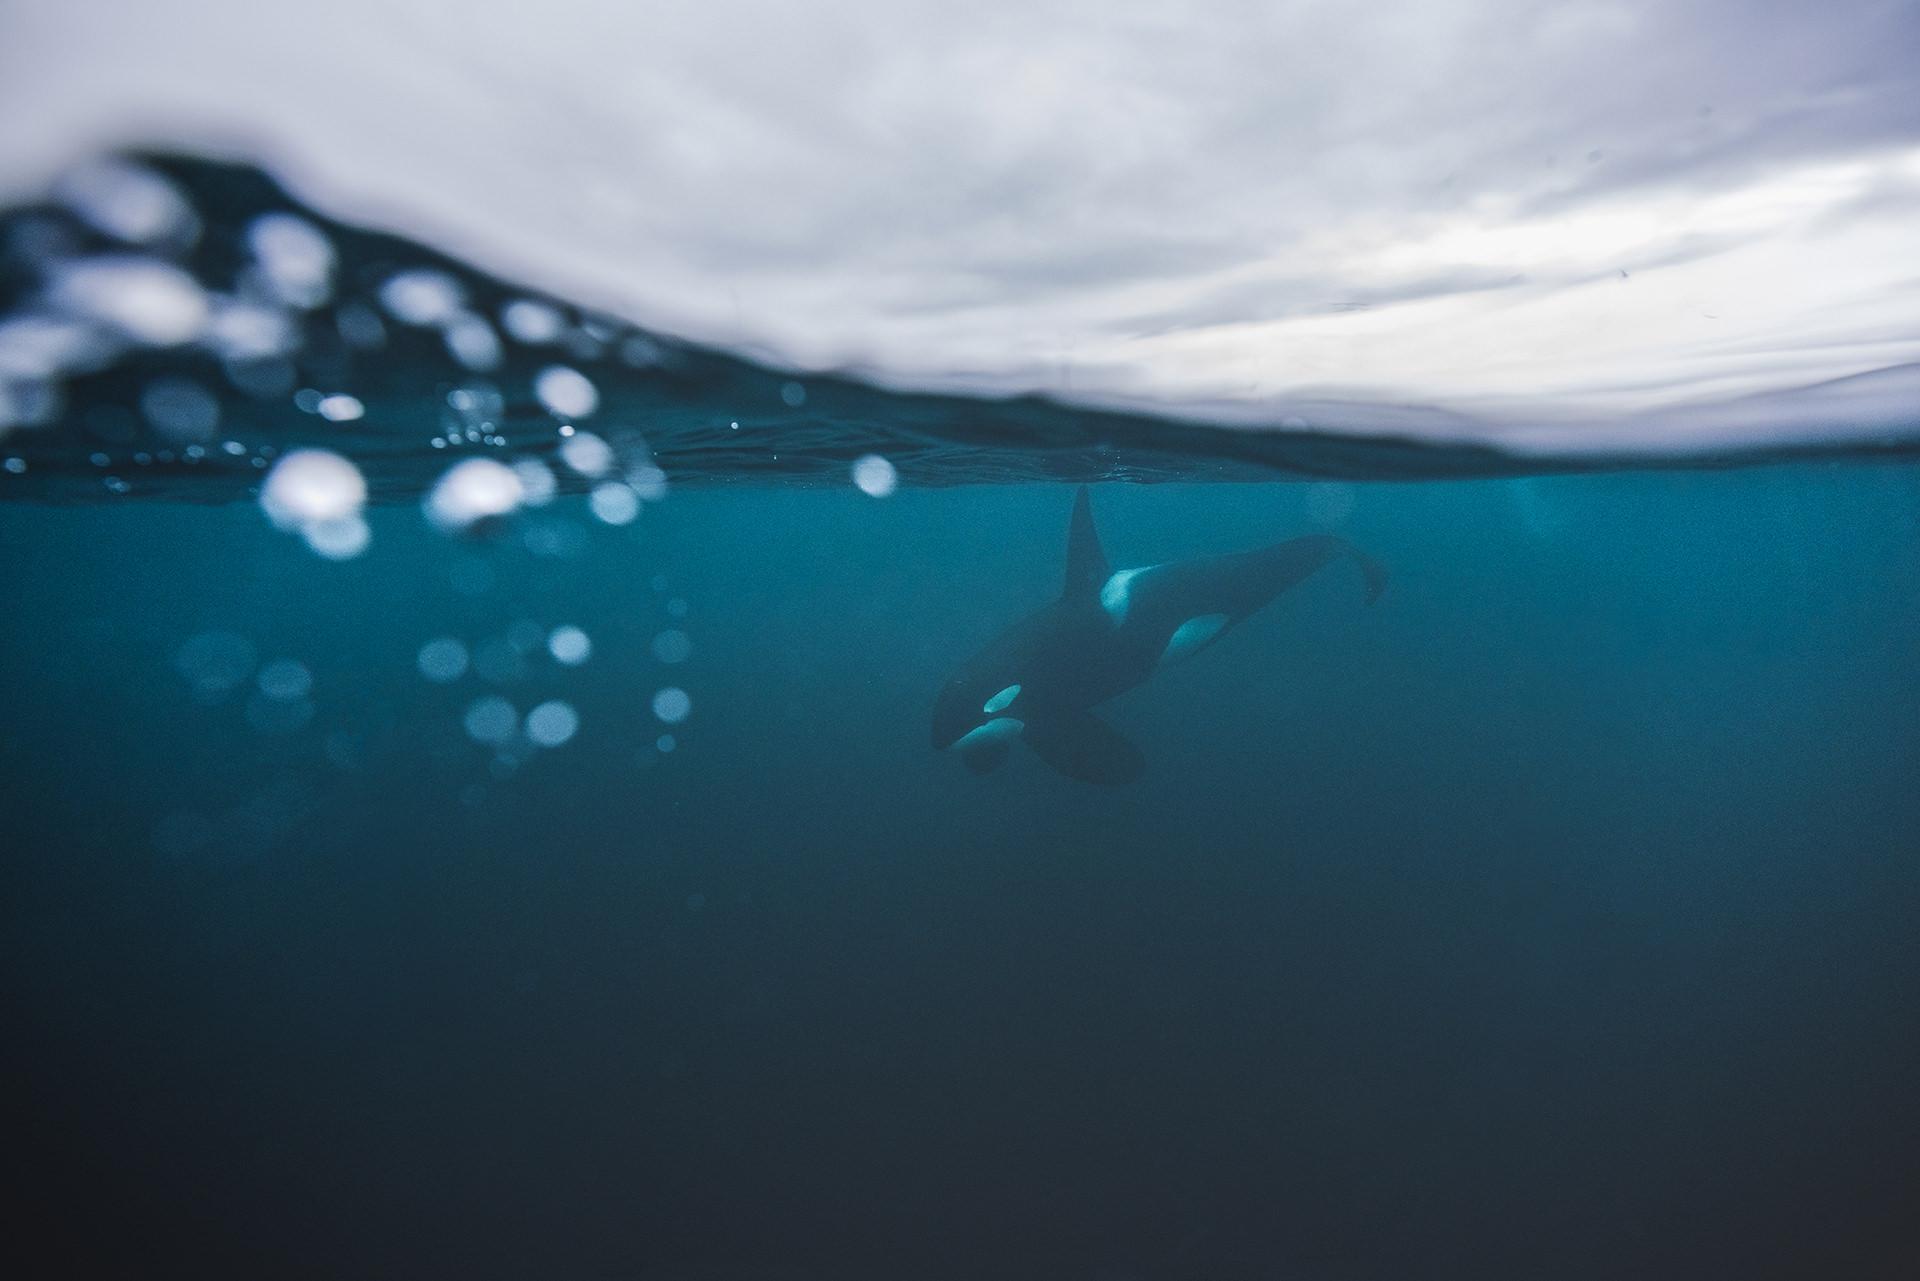 orca-welle-tauchen-unterwasser